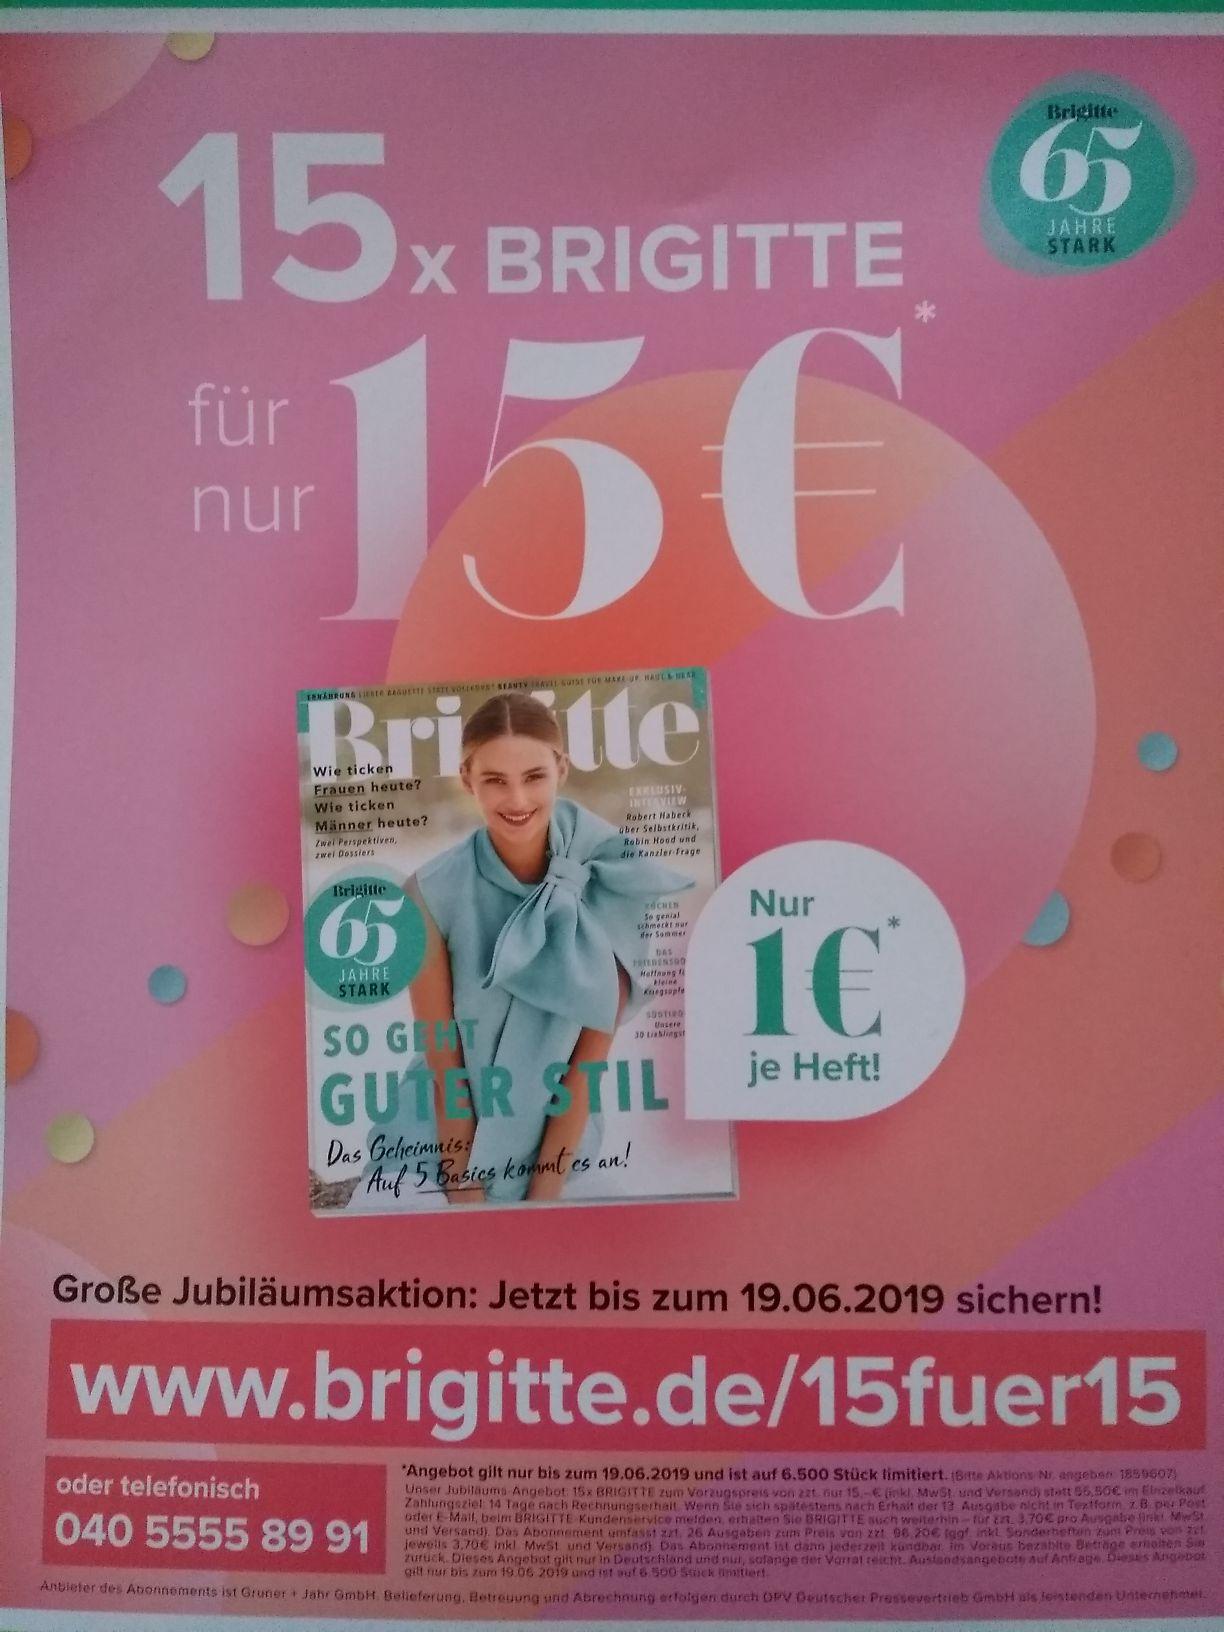 15 Brigitte Ausgaben für 15 €